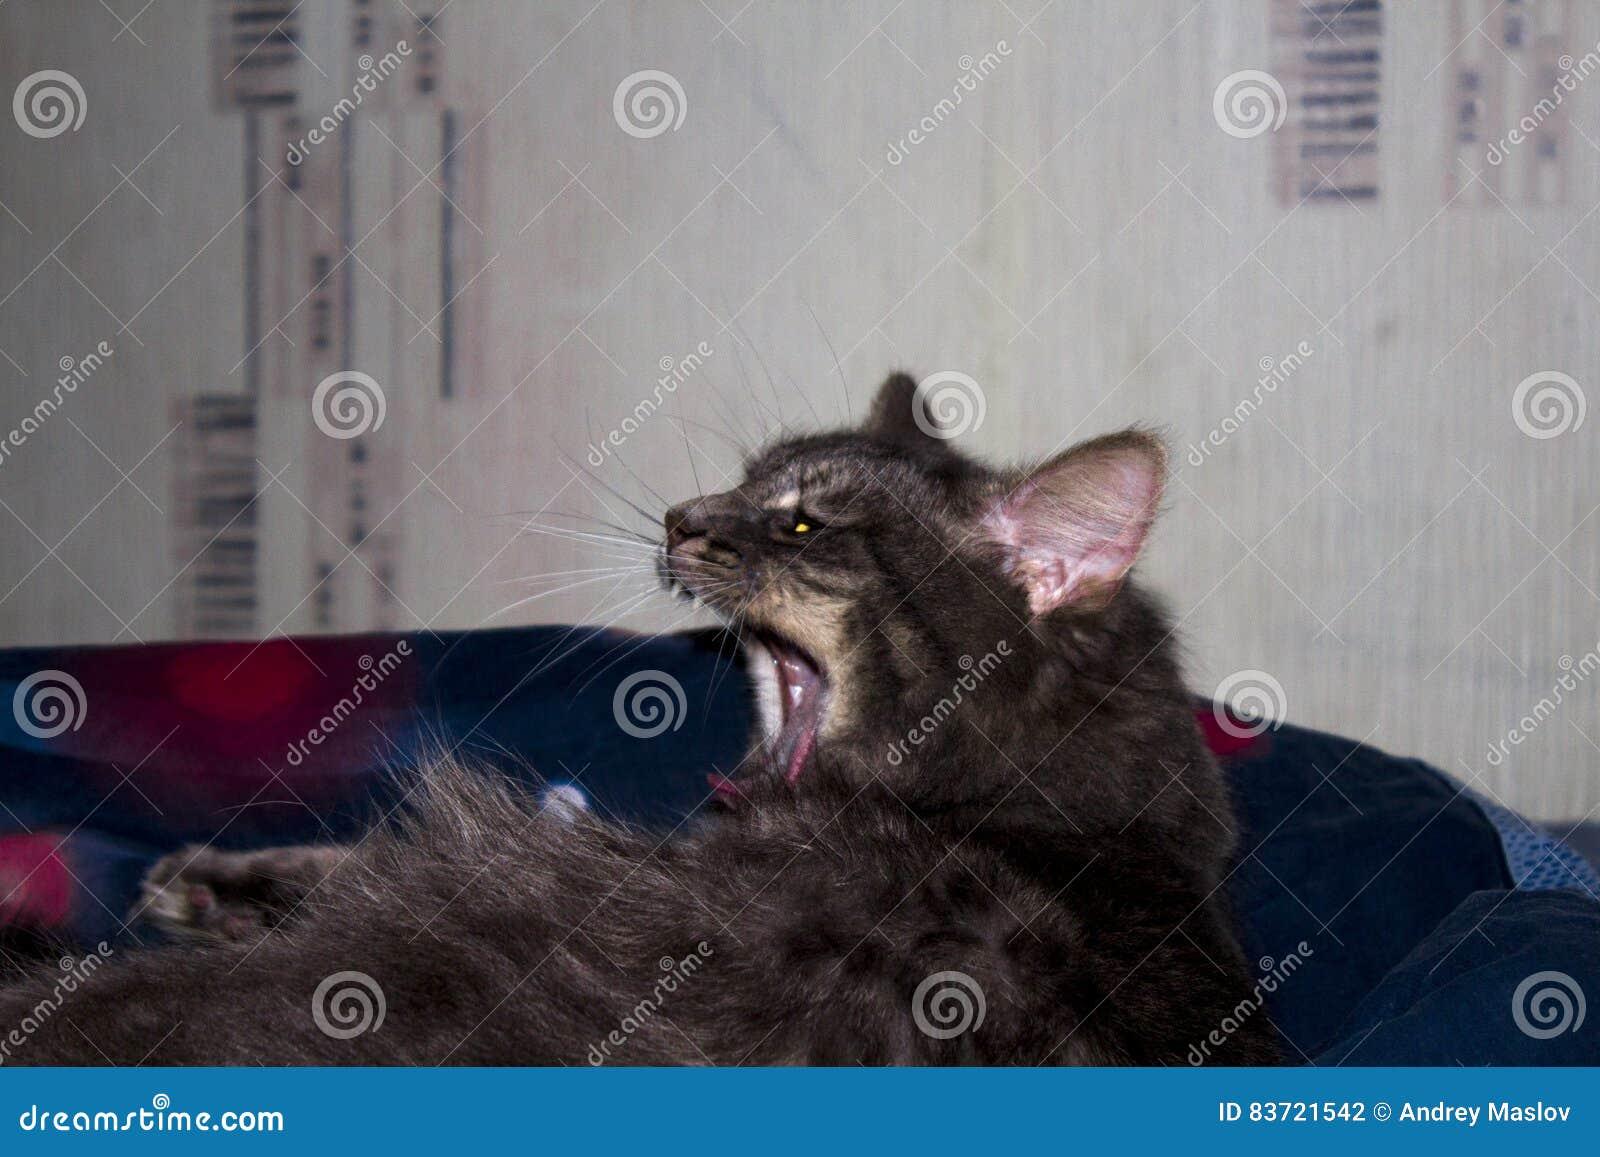 Cat Yawning Stock Photo